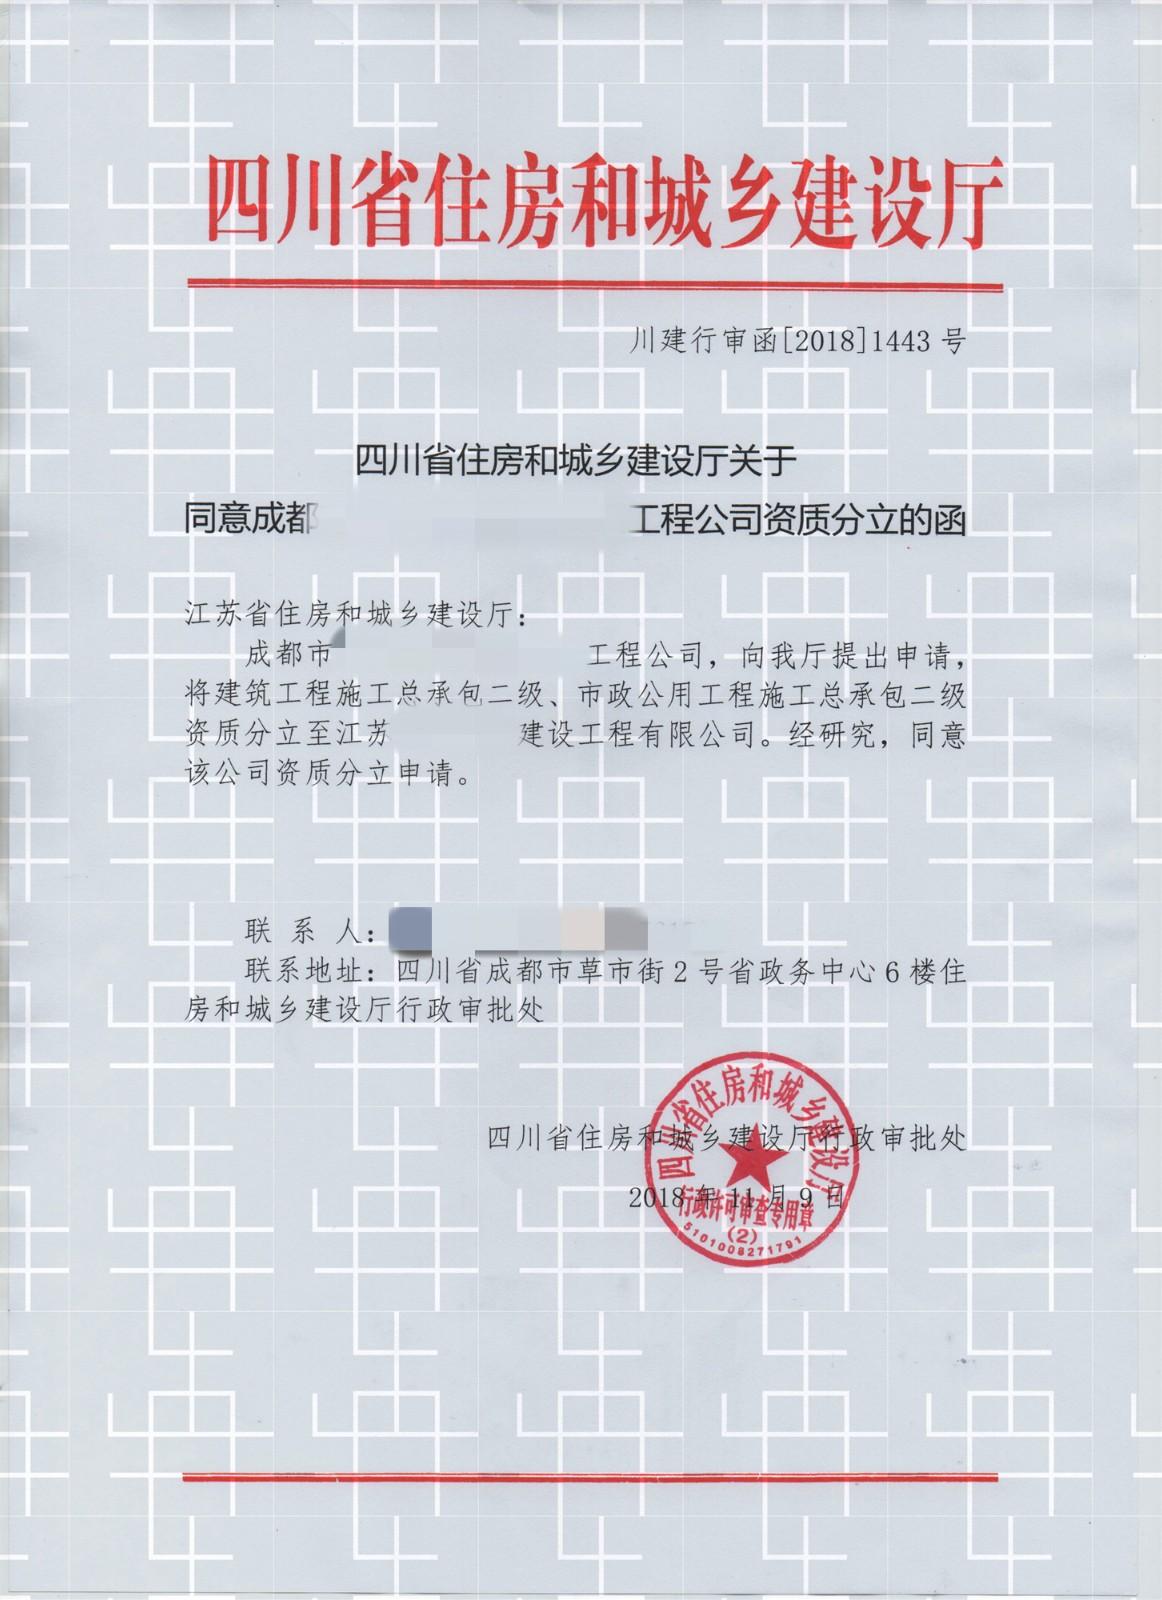 建筑二级、市政二级贝博app下载江苏